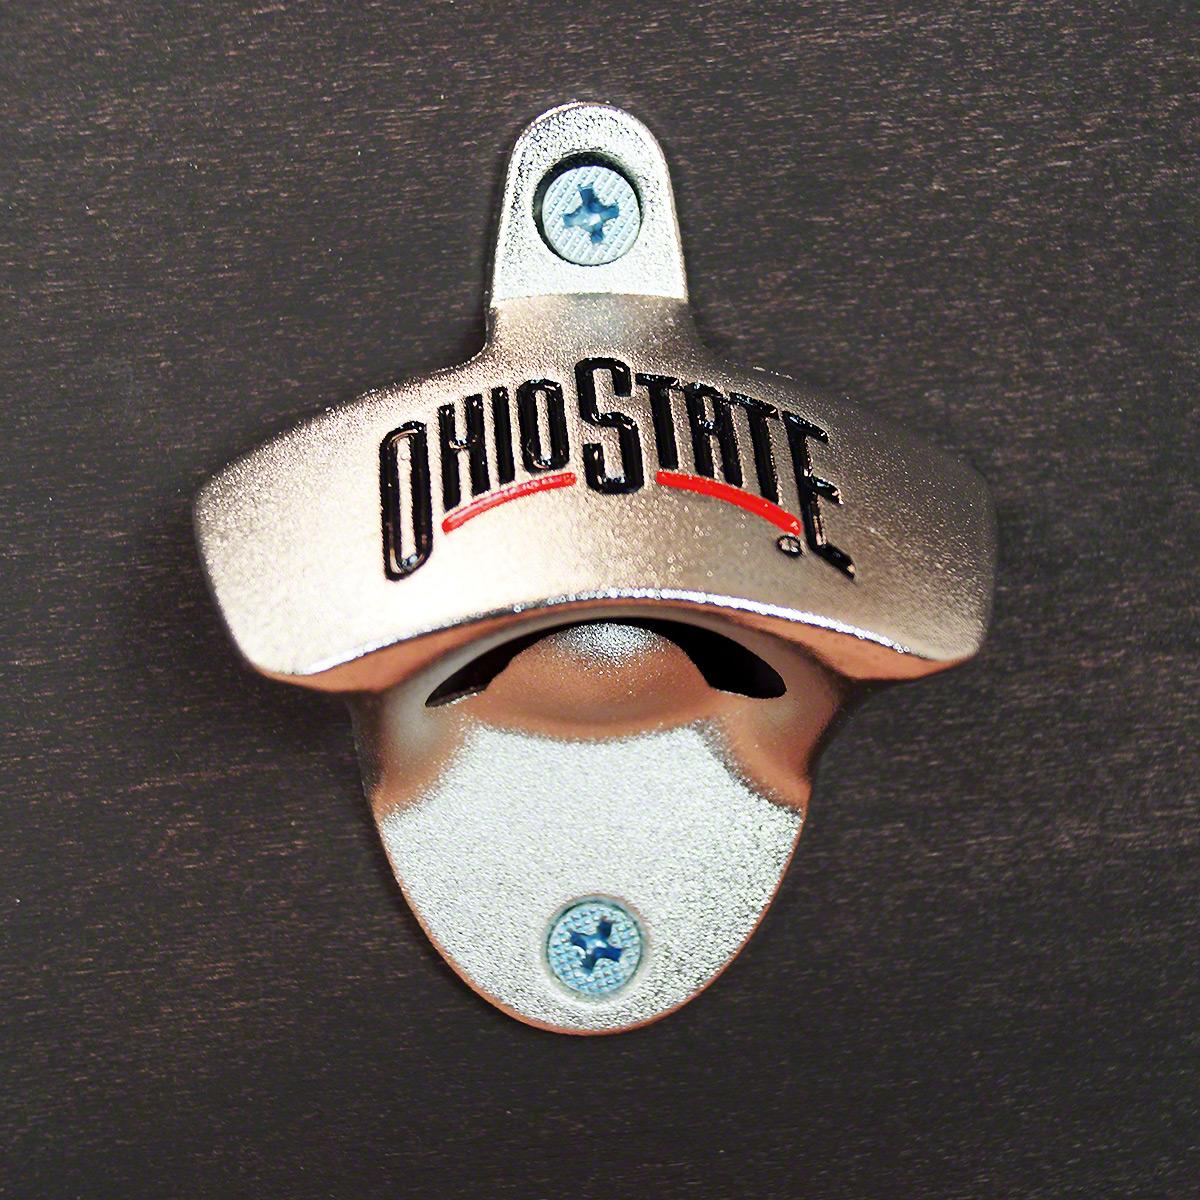 Ohio State Buckeyes Wall Mounted Bottle Opener